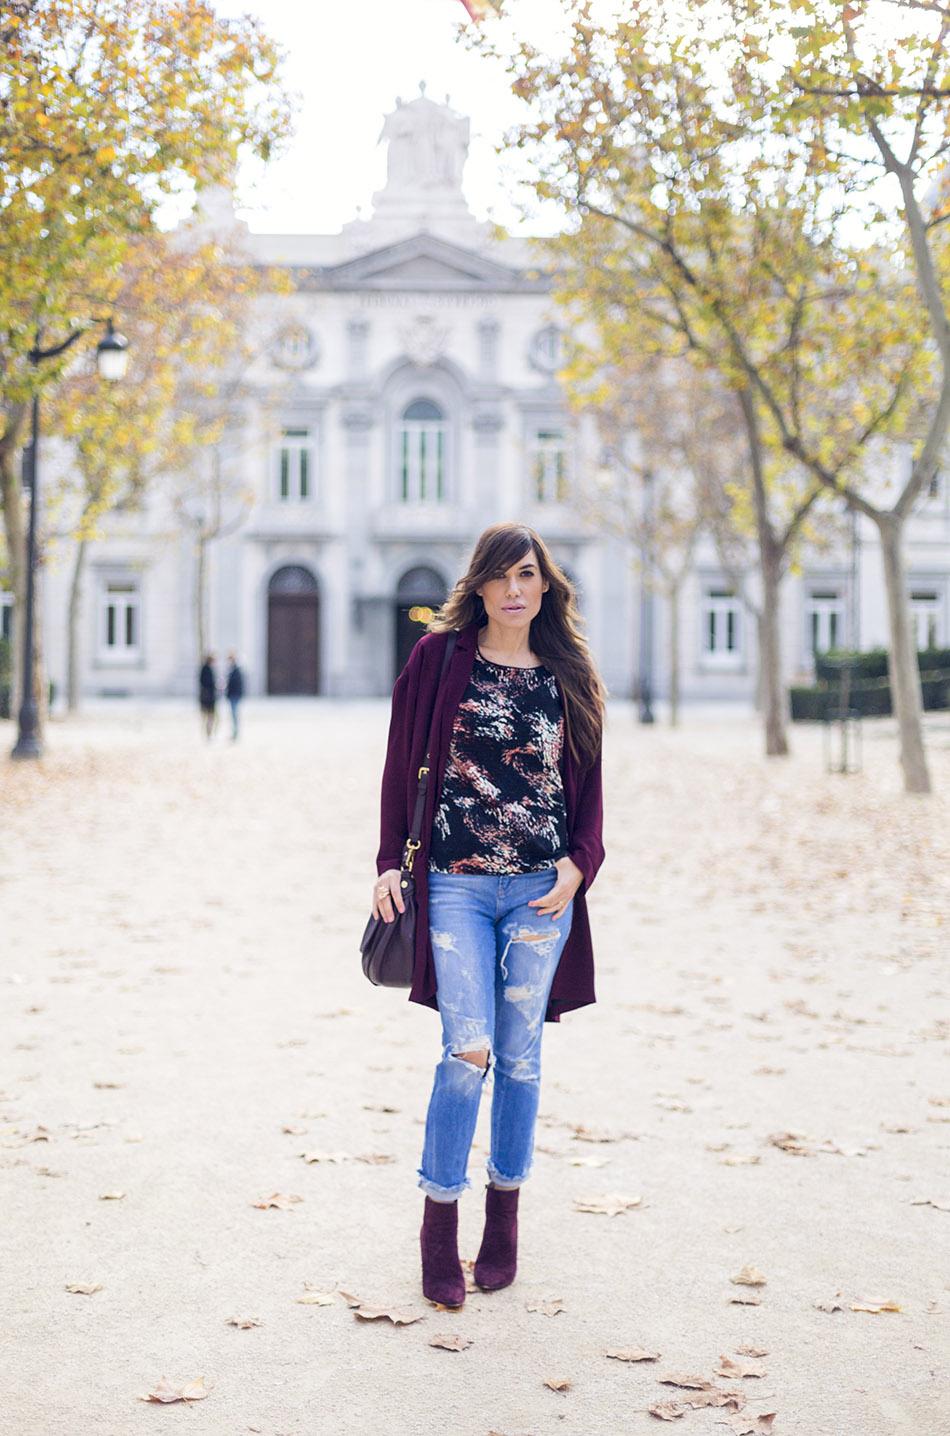 december-outfits-review-2016-street-styles-barbara-crespo-blogger-moda-08